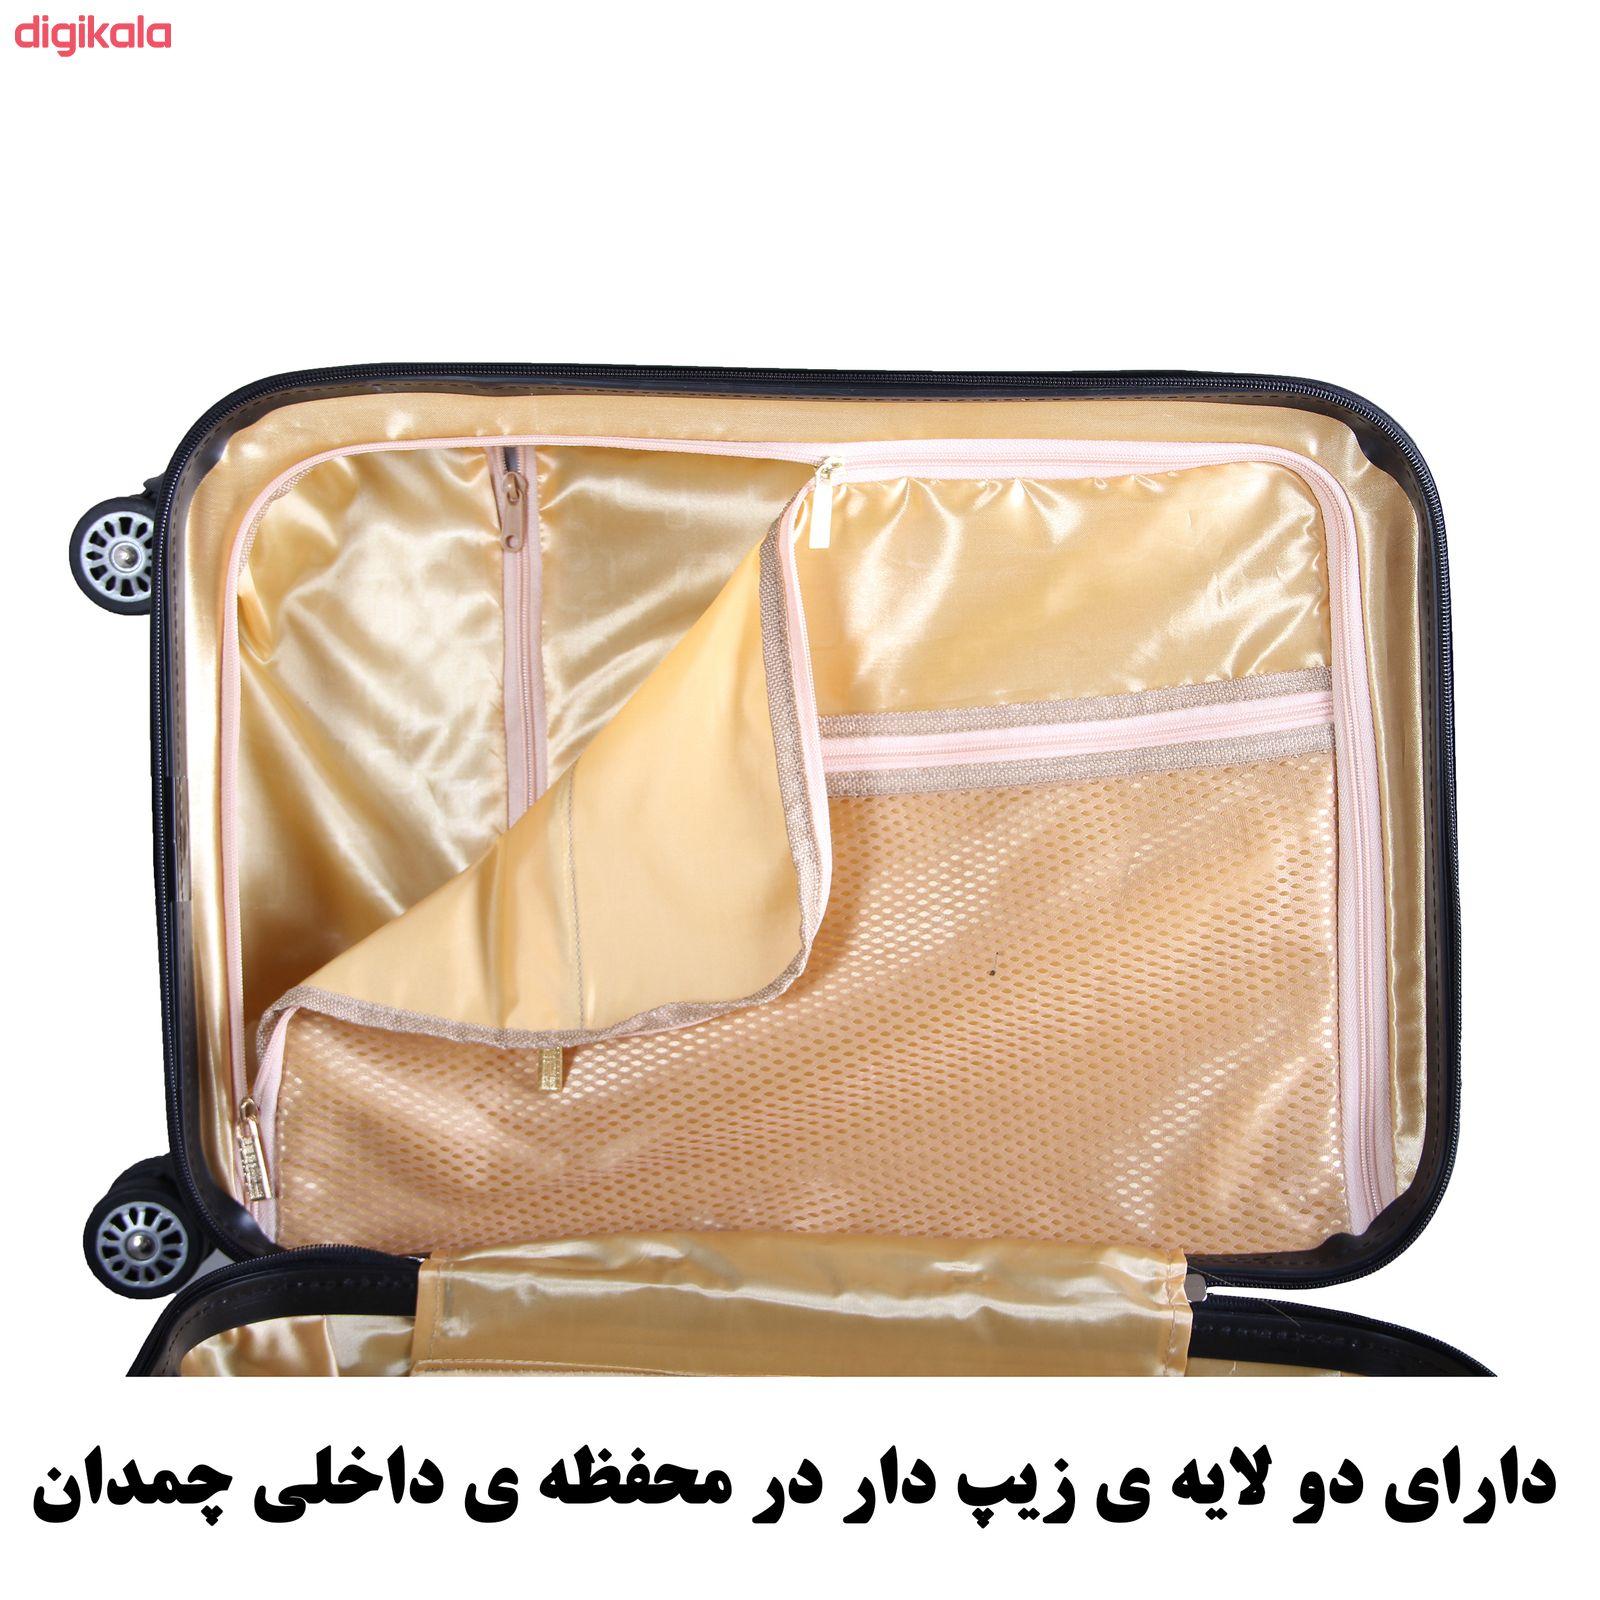 مجموعه چهار عددی چمدان اسپرت من مدل NS001 main 1 37